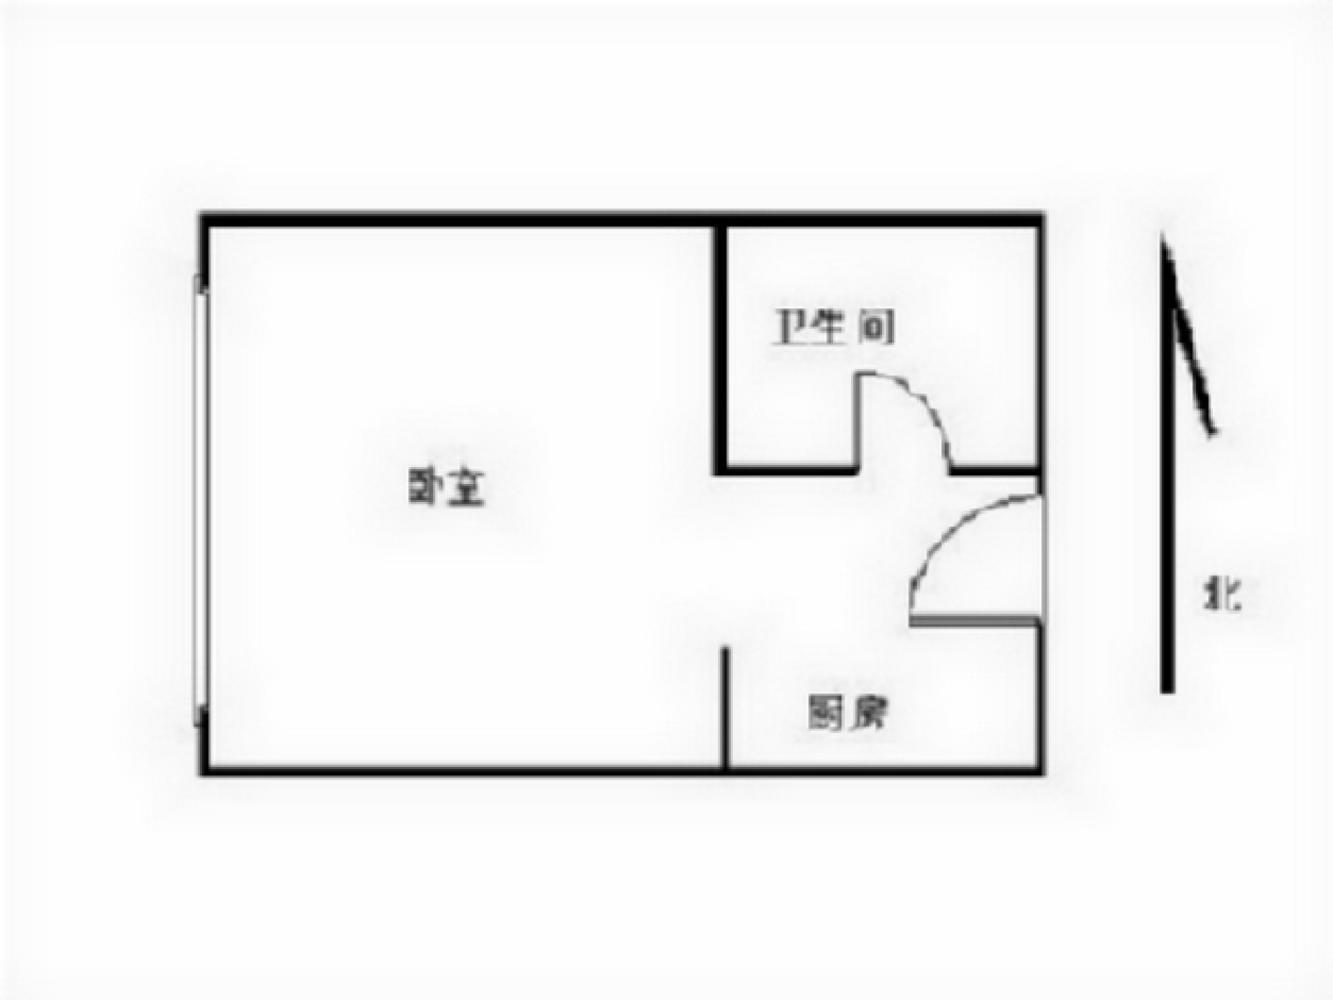 玄武区樱驼花园苏宁紫金嘉悦1室1厅户型图